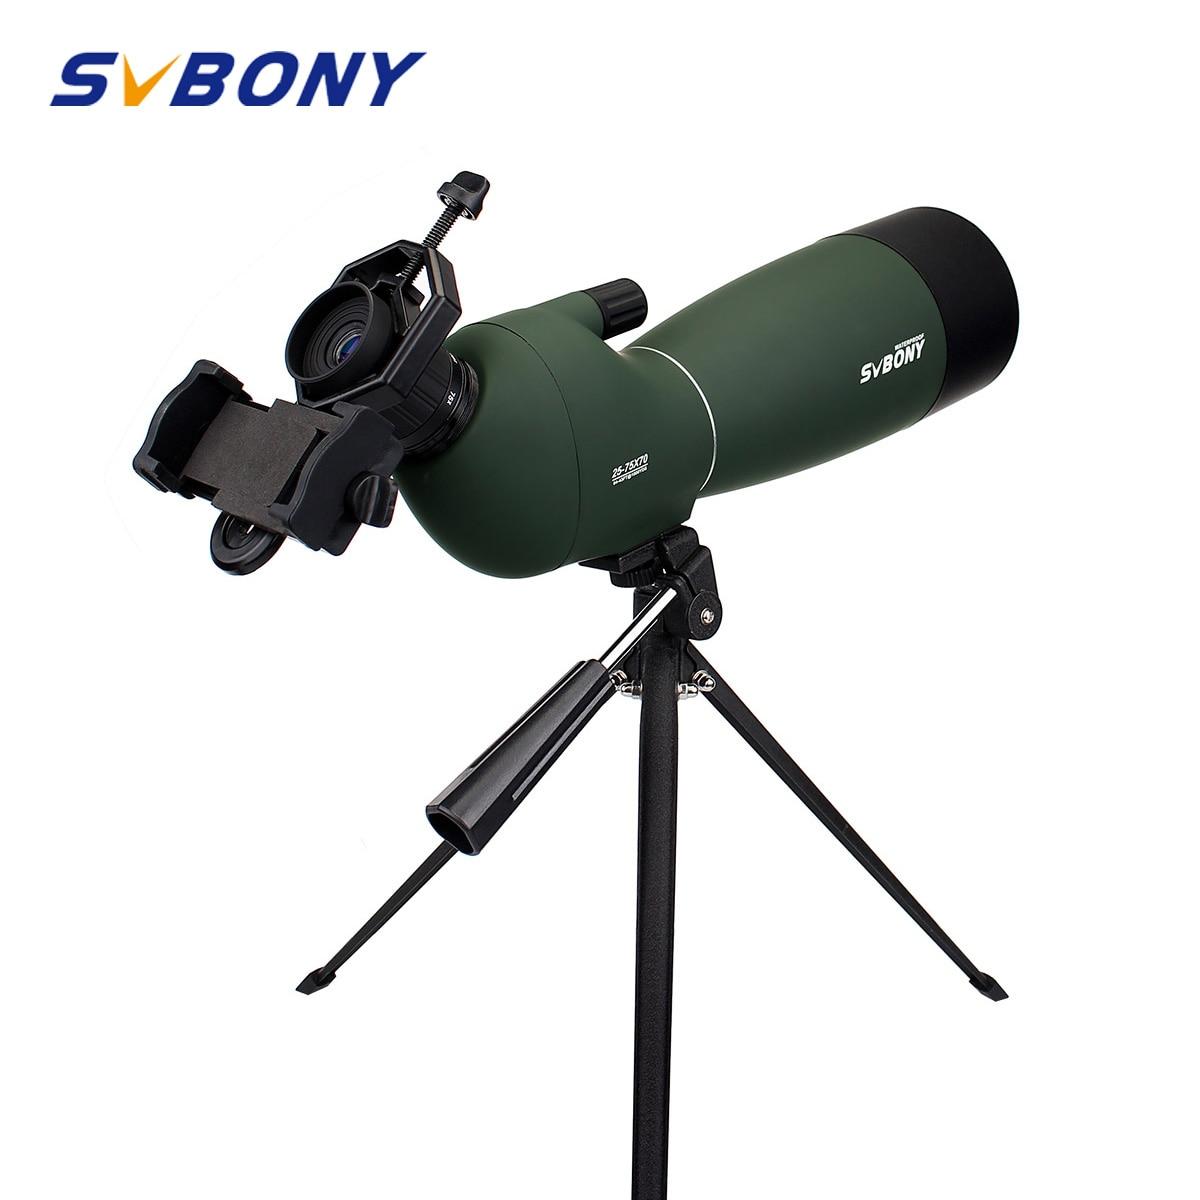 Svbony SV28 50/60/70mm Cannocchiale Telescopio Dello Zoom Impermeabile Birdwatch Caccia Monoculare e Universale Del Telefono Adattatore ottica da esterno per caccia, tiro a segno, tiro con l'arco,